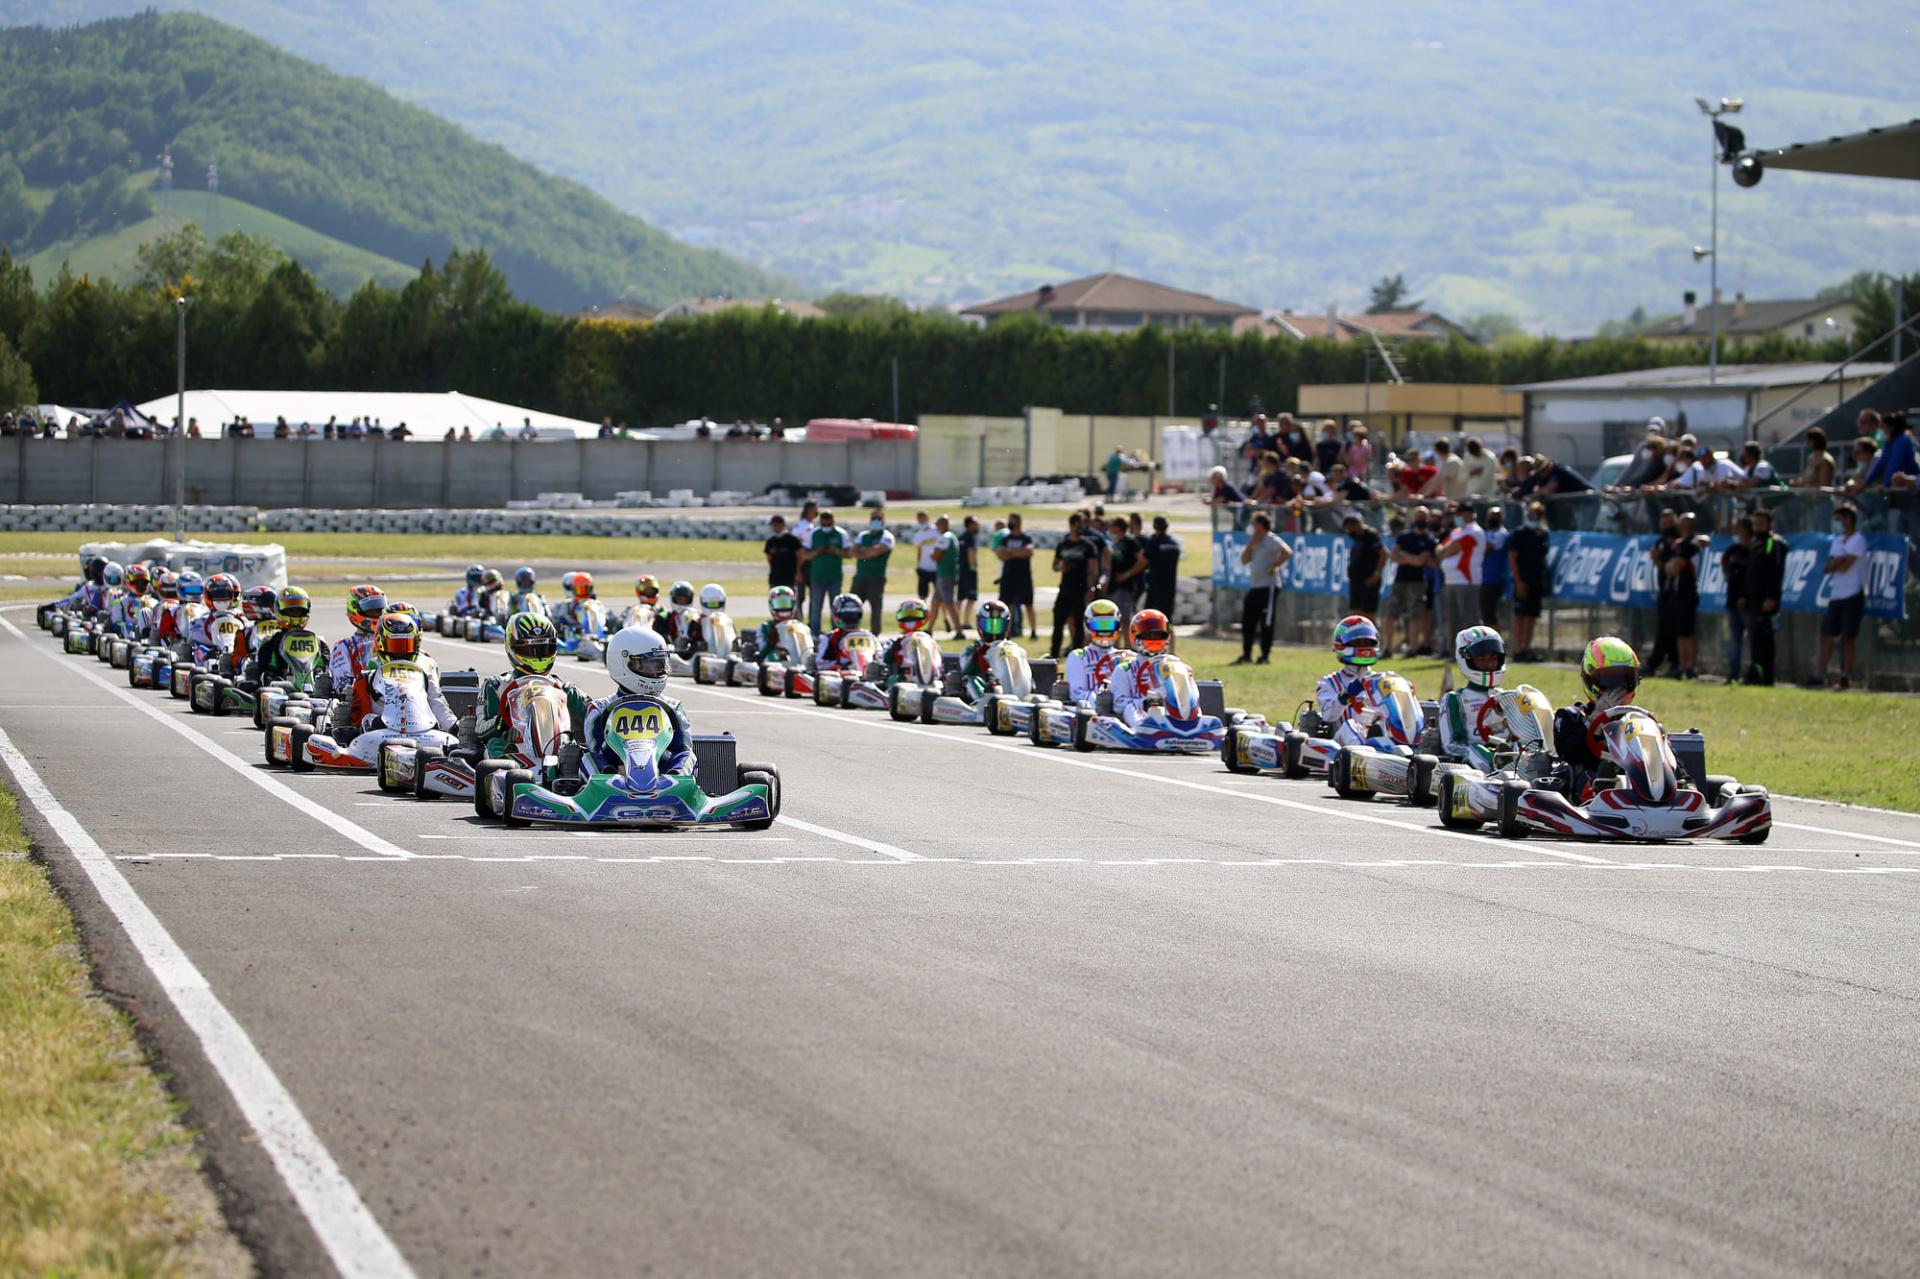 Le classifiche del Campionato Italiano ACI Karting alla vigilia della quarta prova di Siena